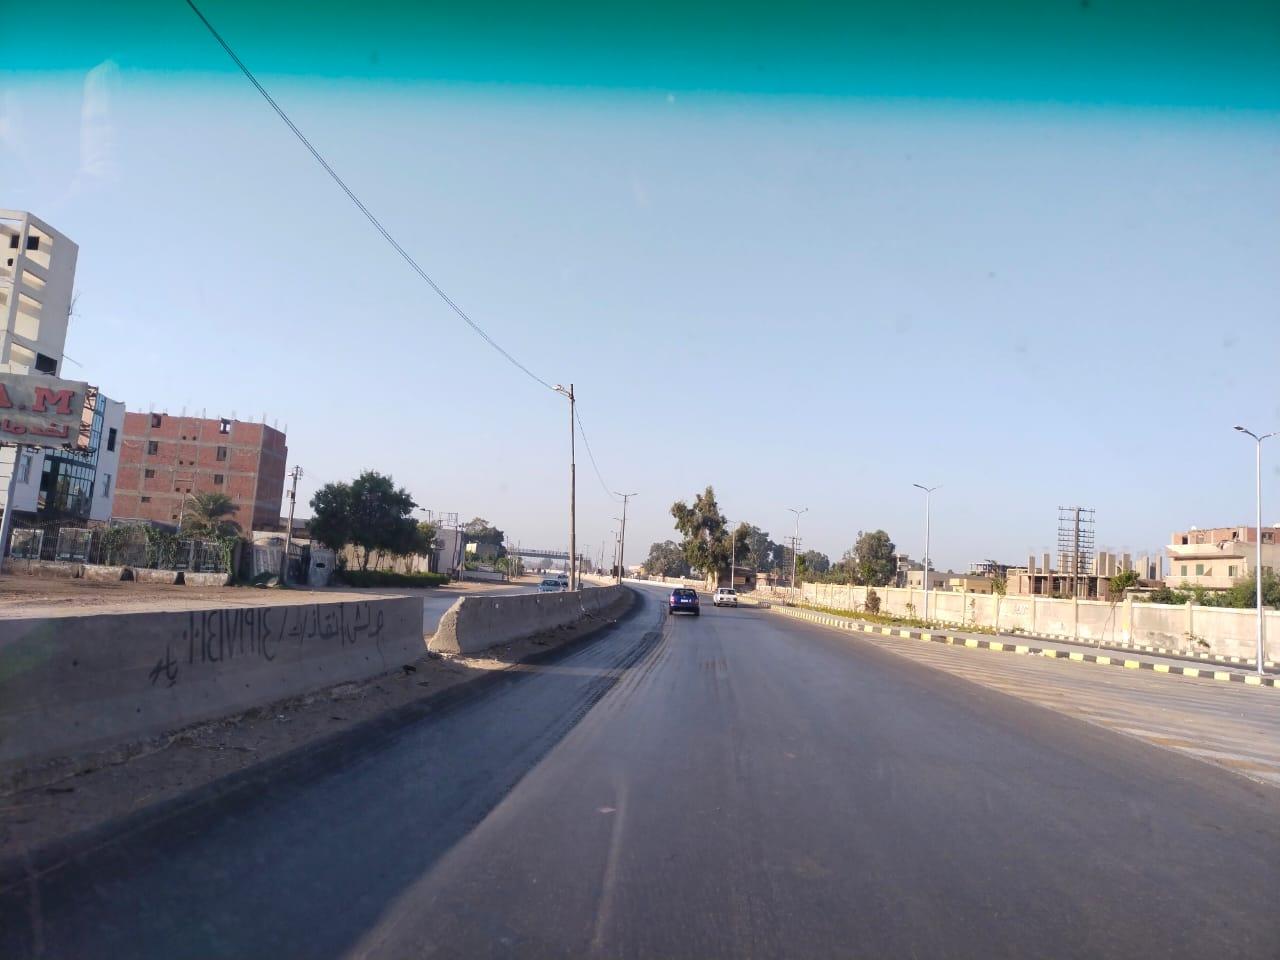 سيولة مرورية بطريق القاهرة الإسكندرية الزراعى (8)